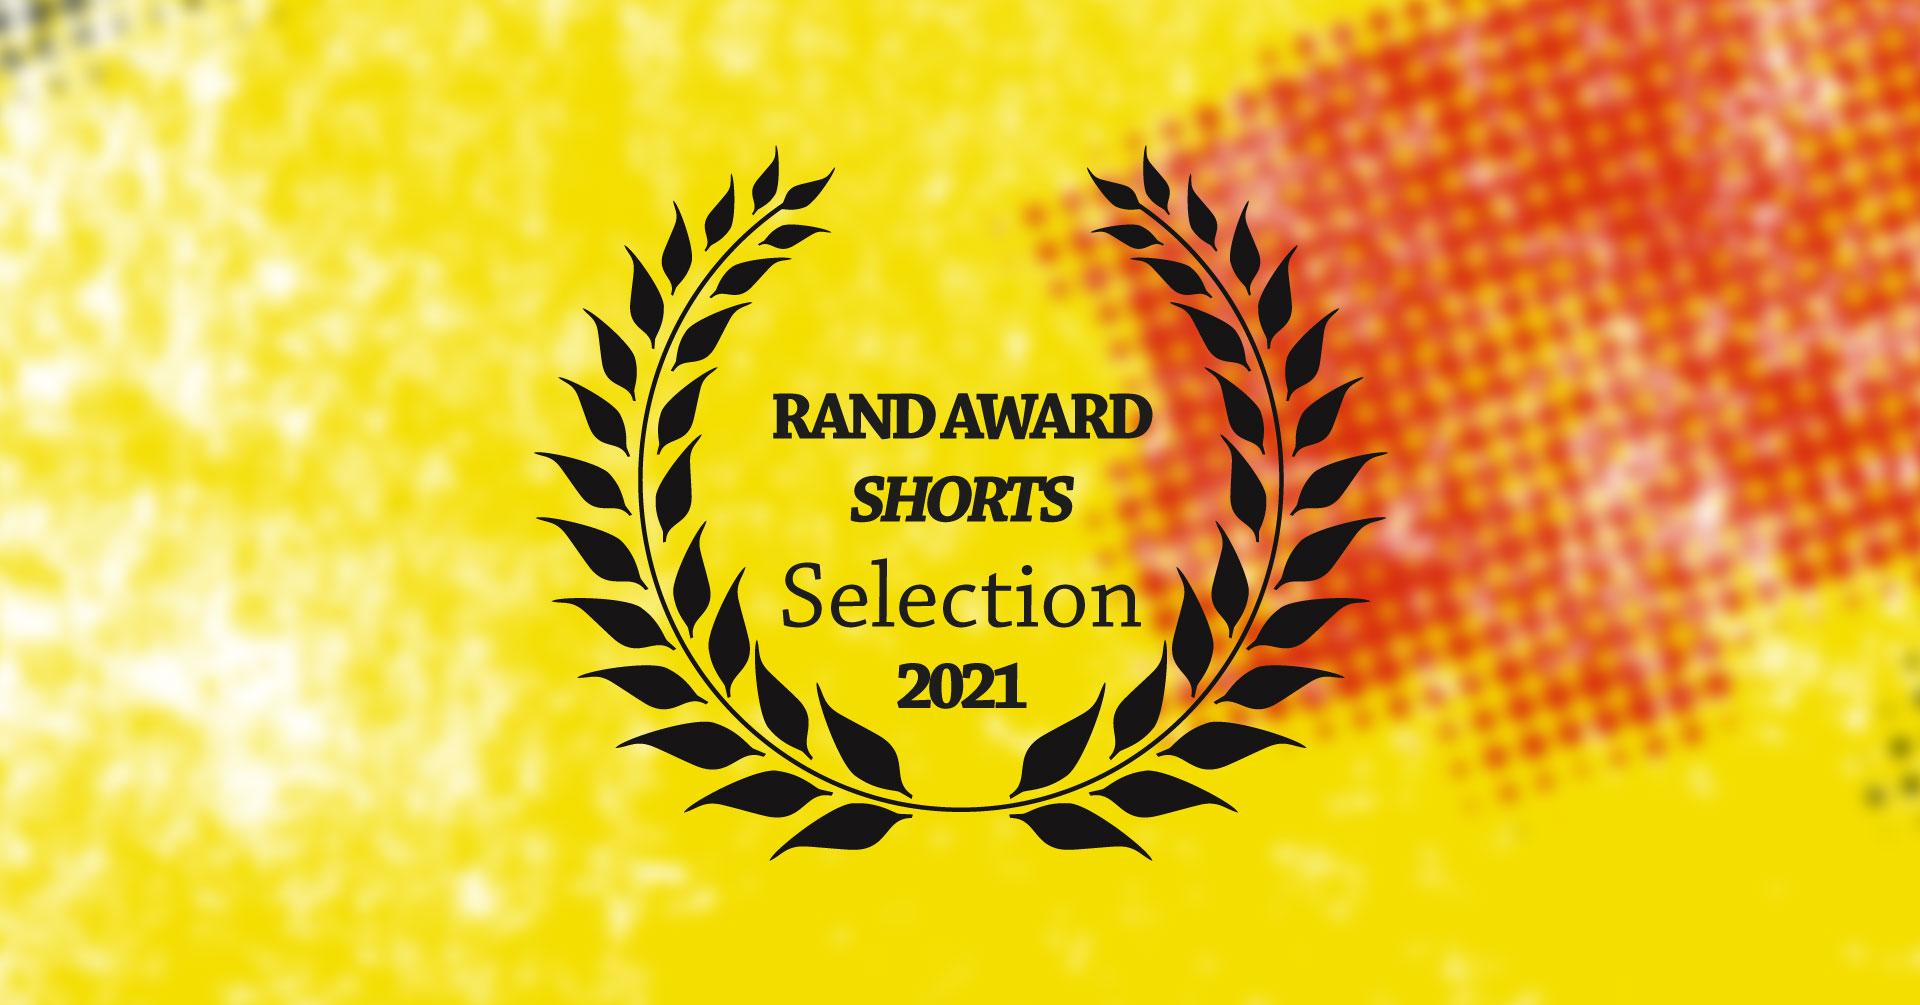 Kurzfilmrolle 1: Rand-Award Shorts Nominees 2021